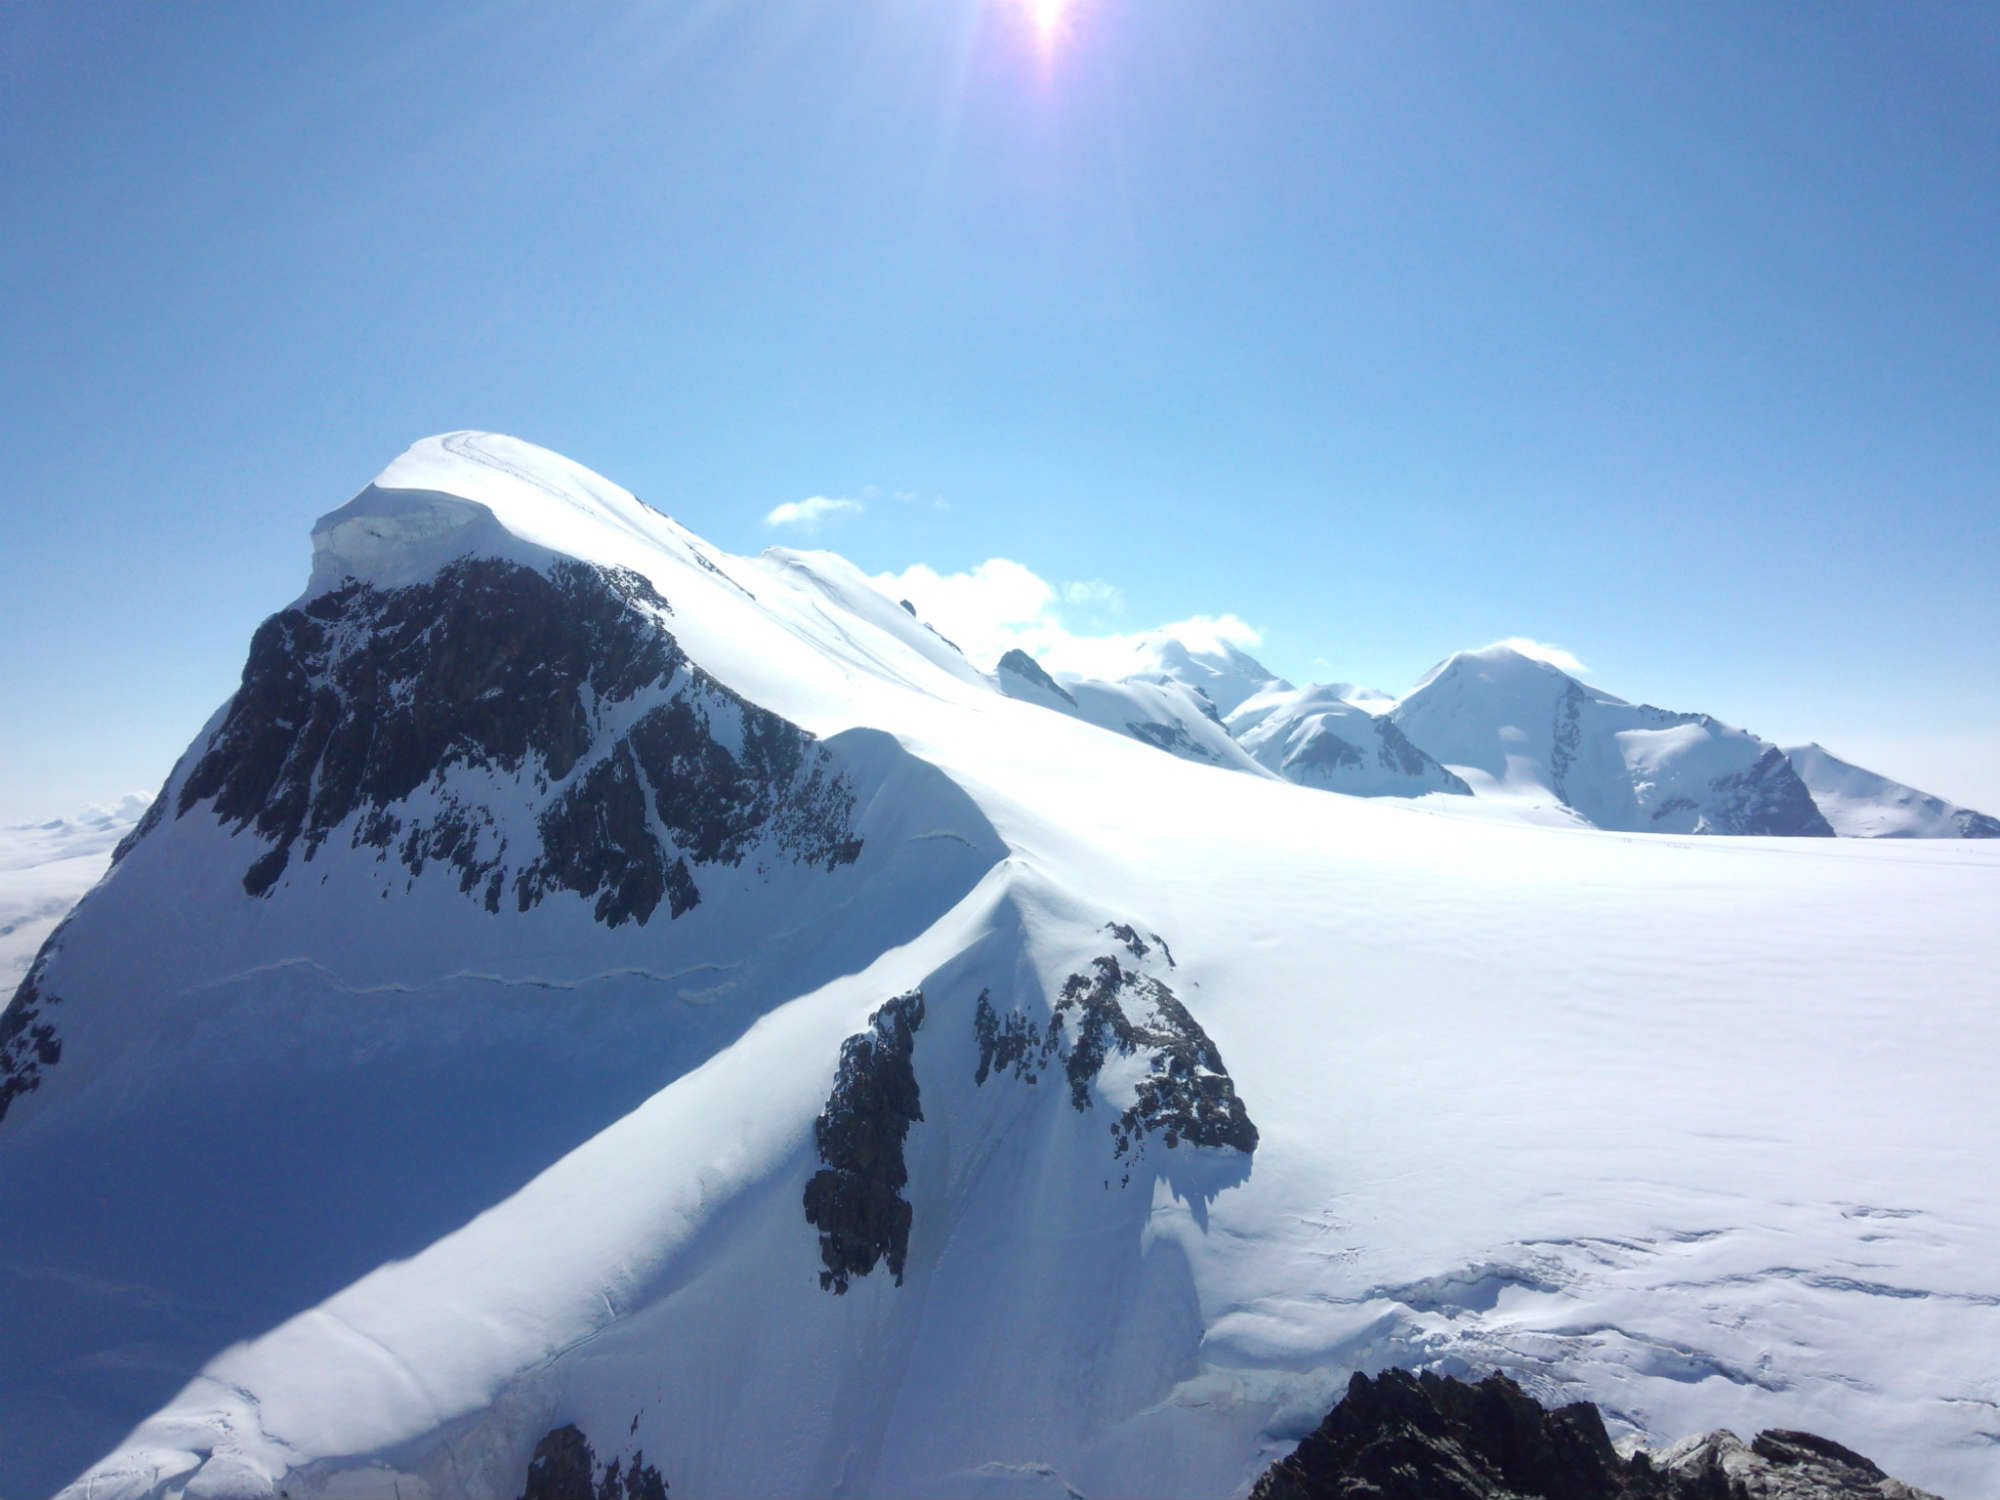 アレッチ氷河トレッキングとブライトホルン登頂9日間